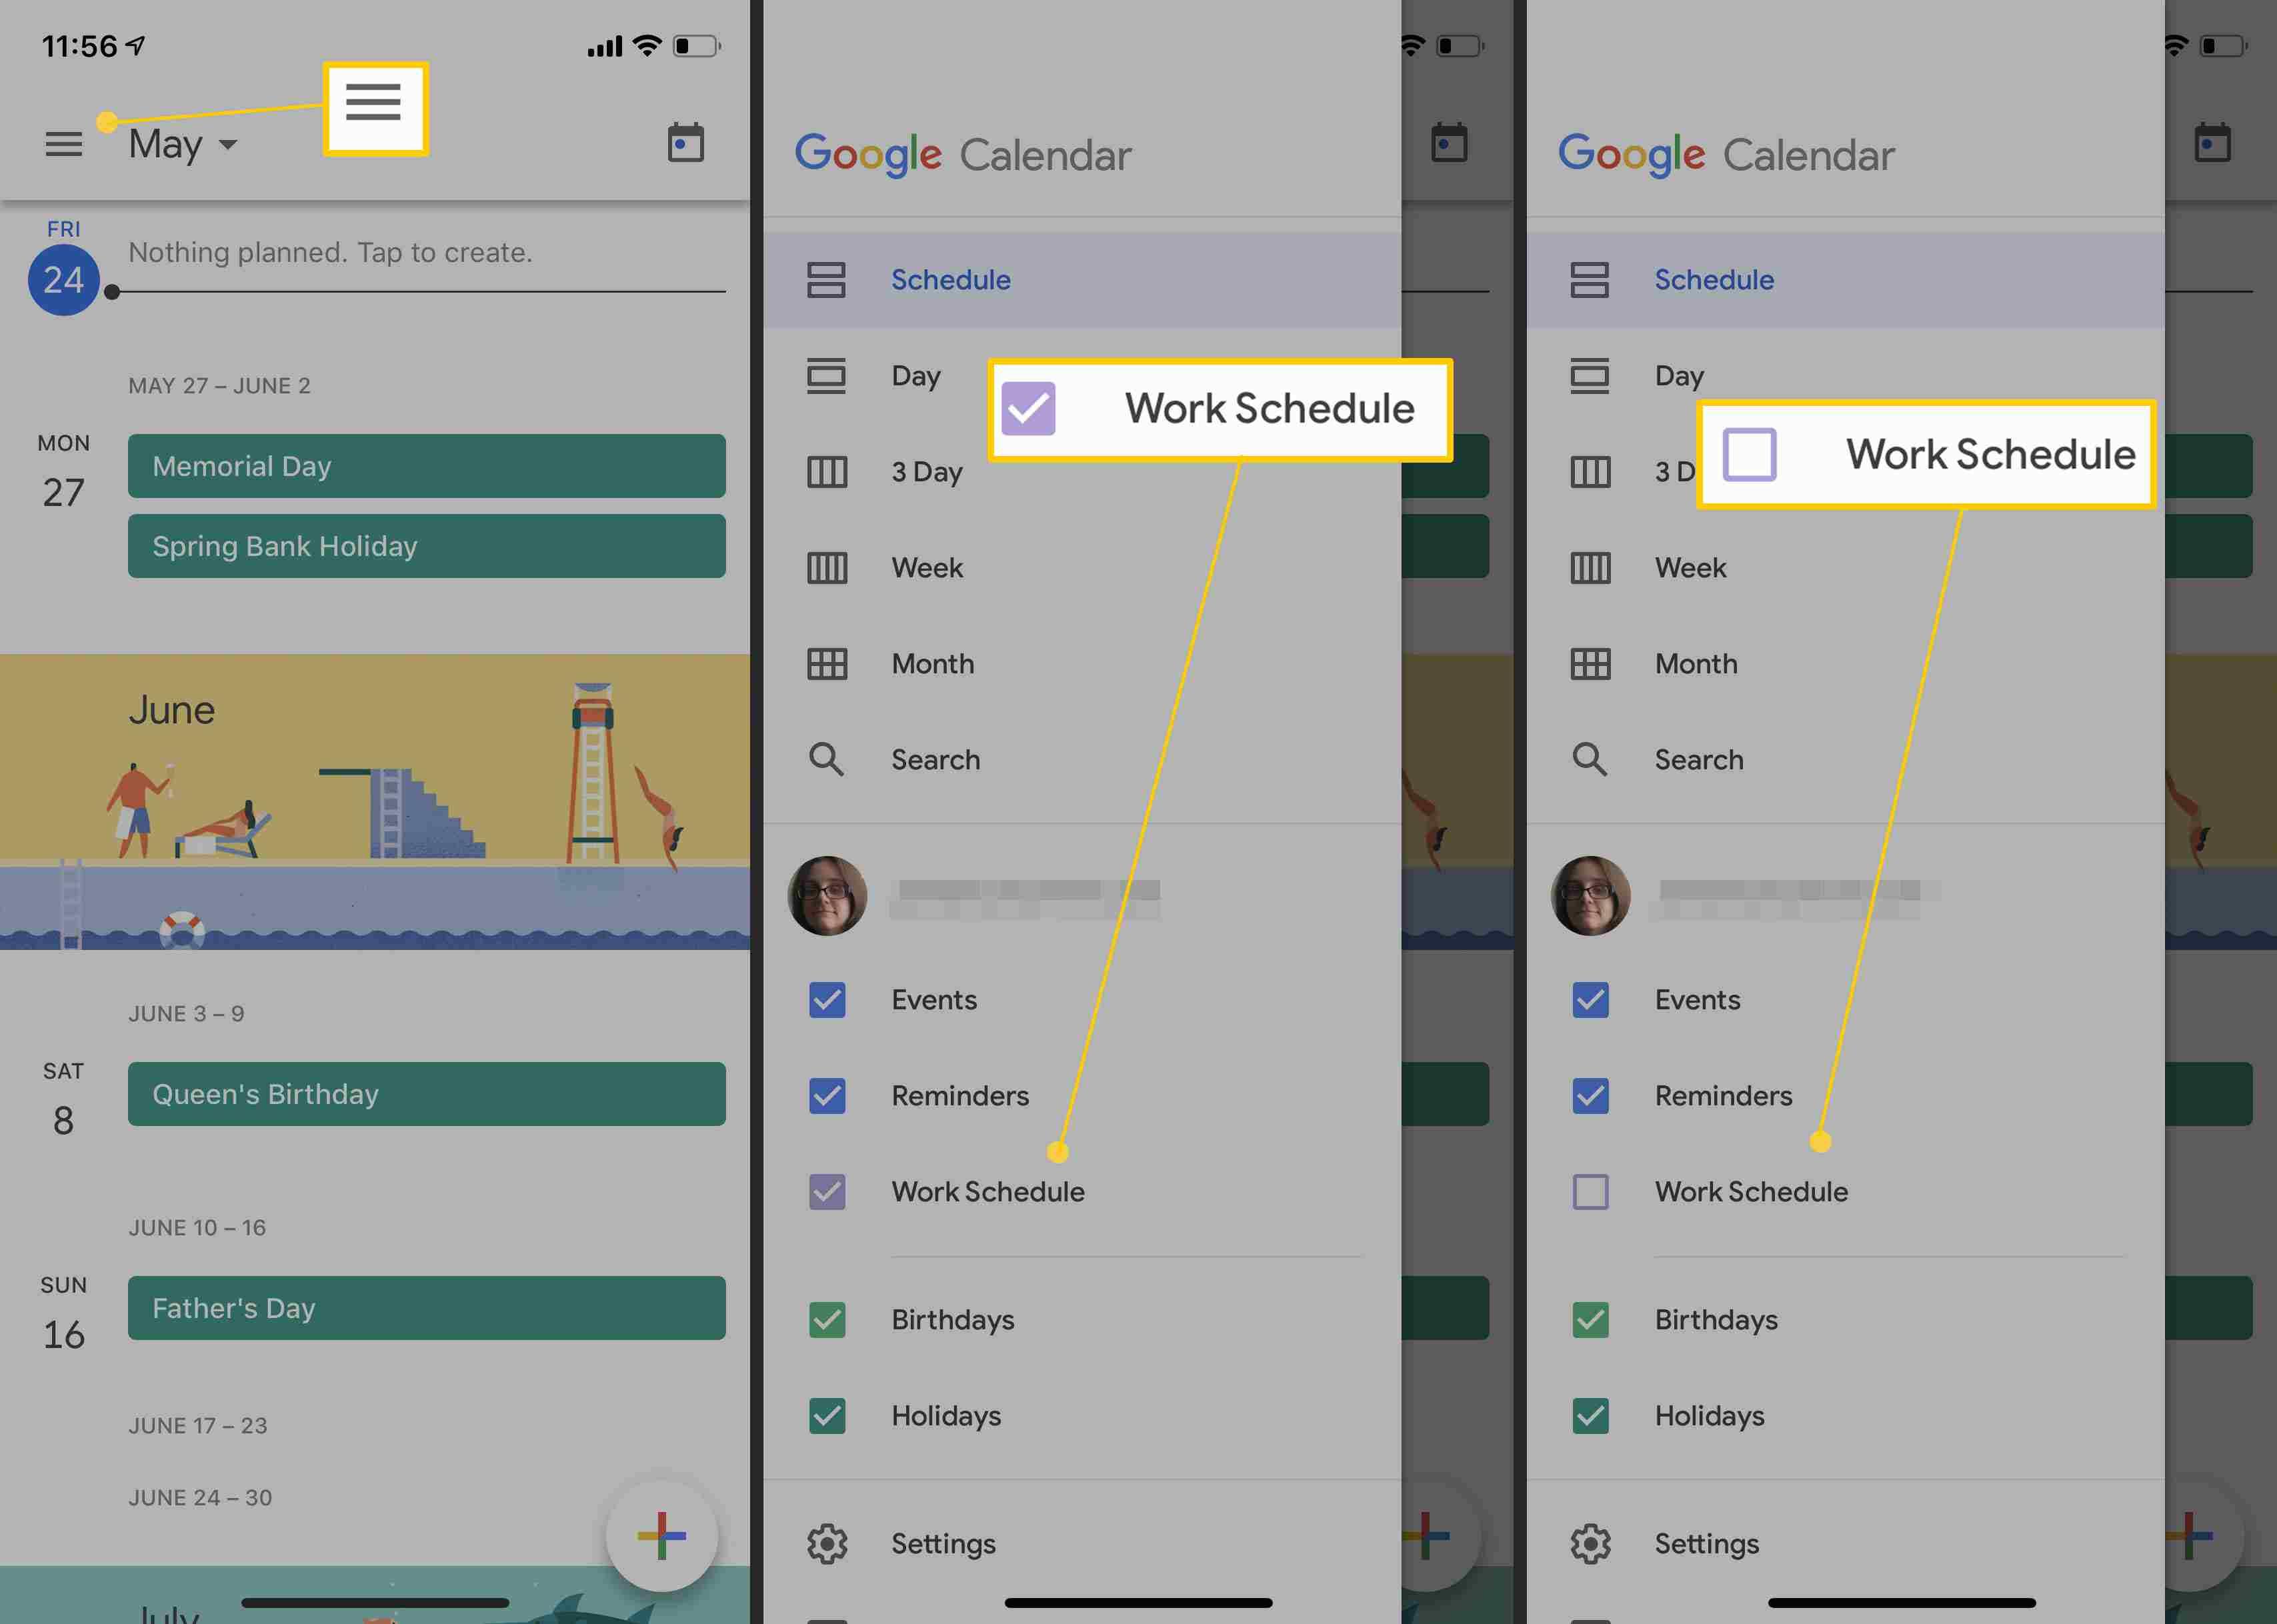 Google Calendar App and how to hide calendars